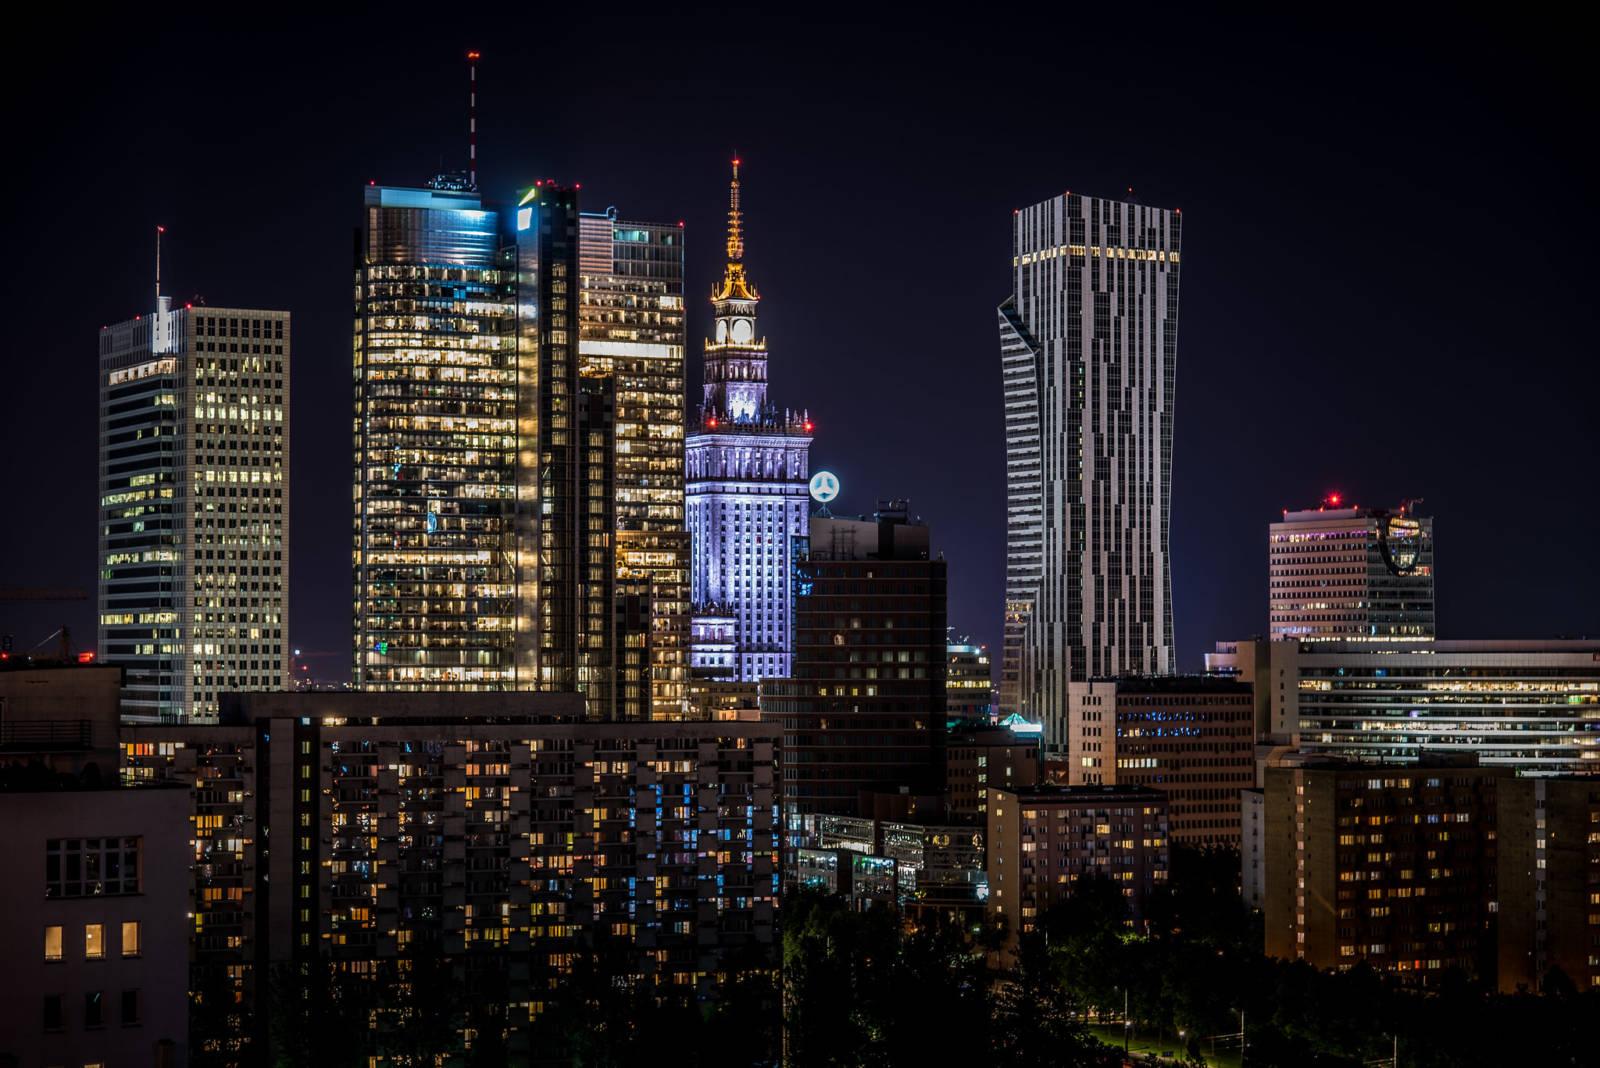 Die polnische Transformation, der Neoliberalismus und die Zukunft – Jakub Bińkowski